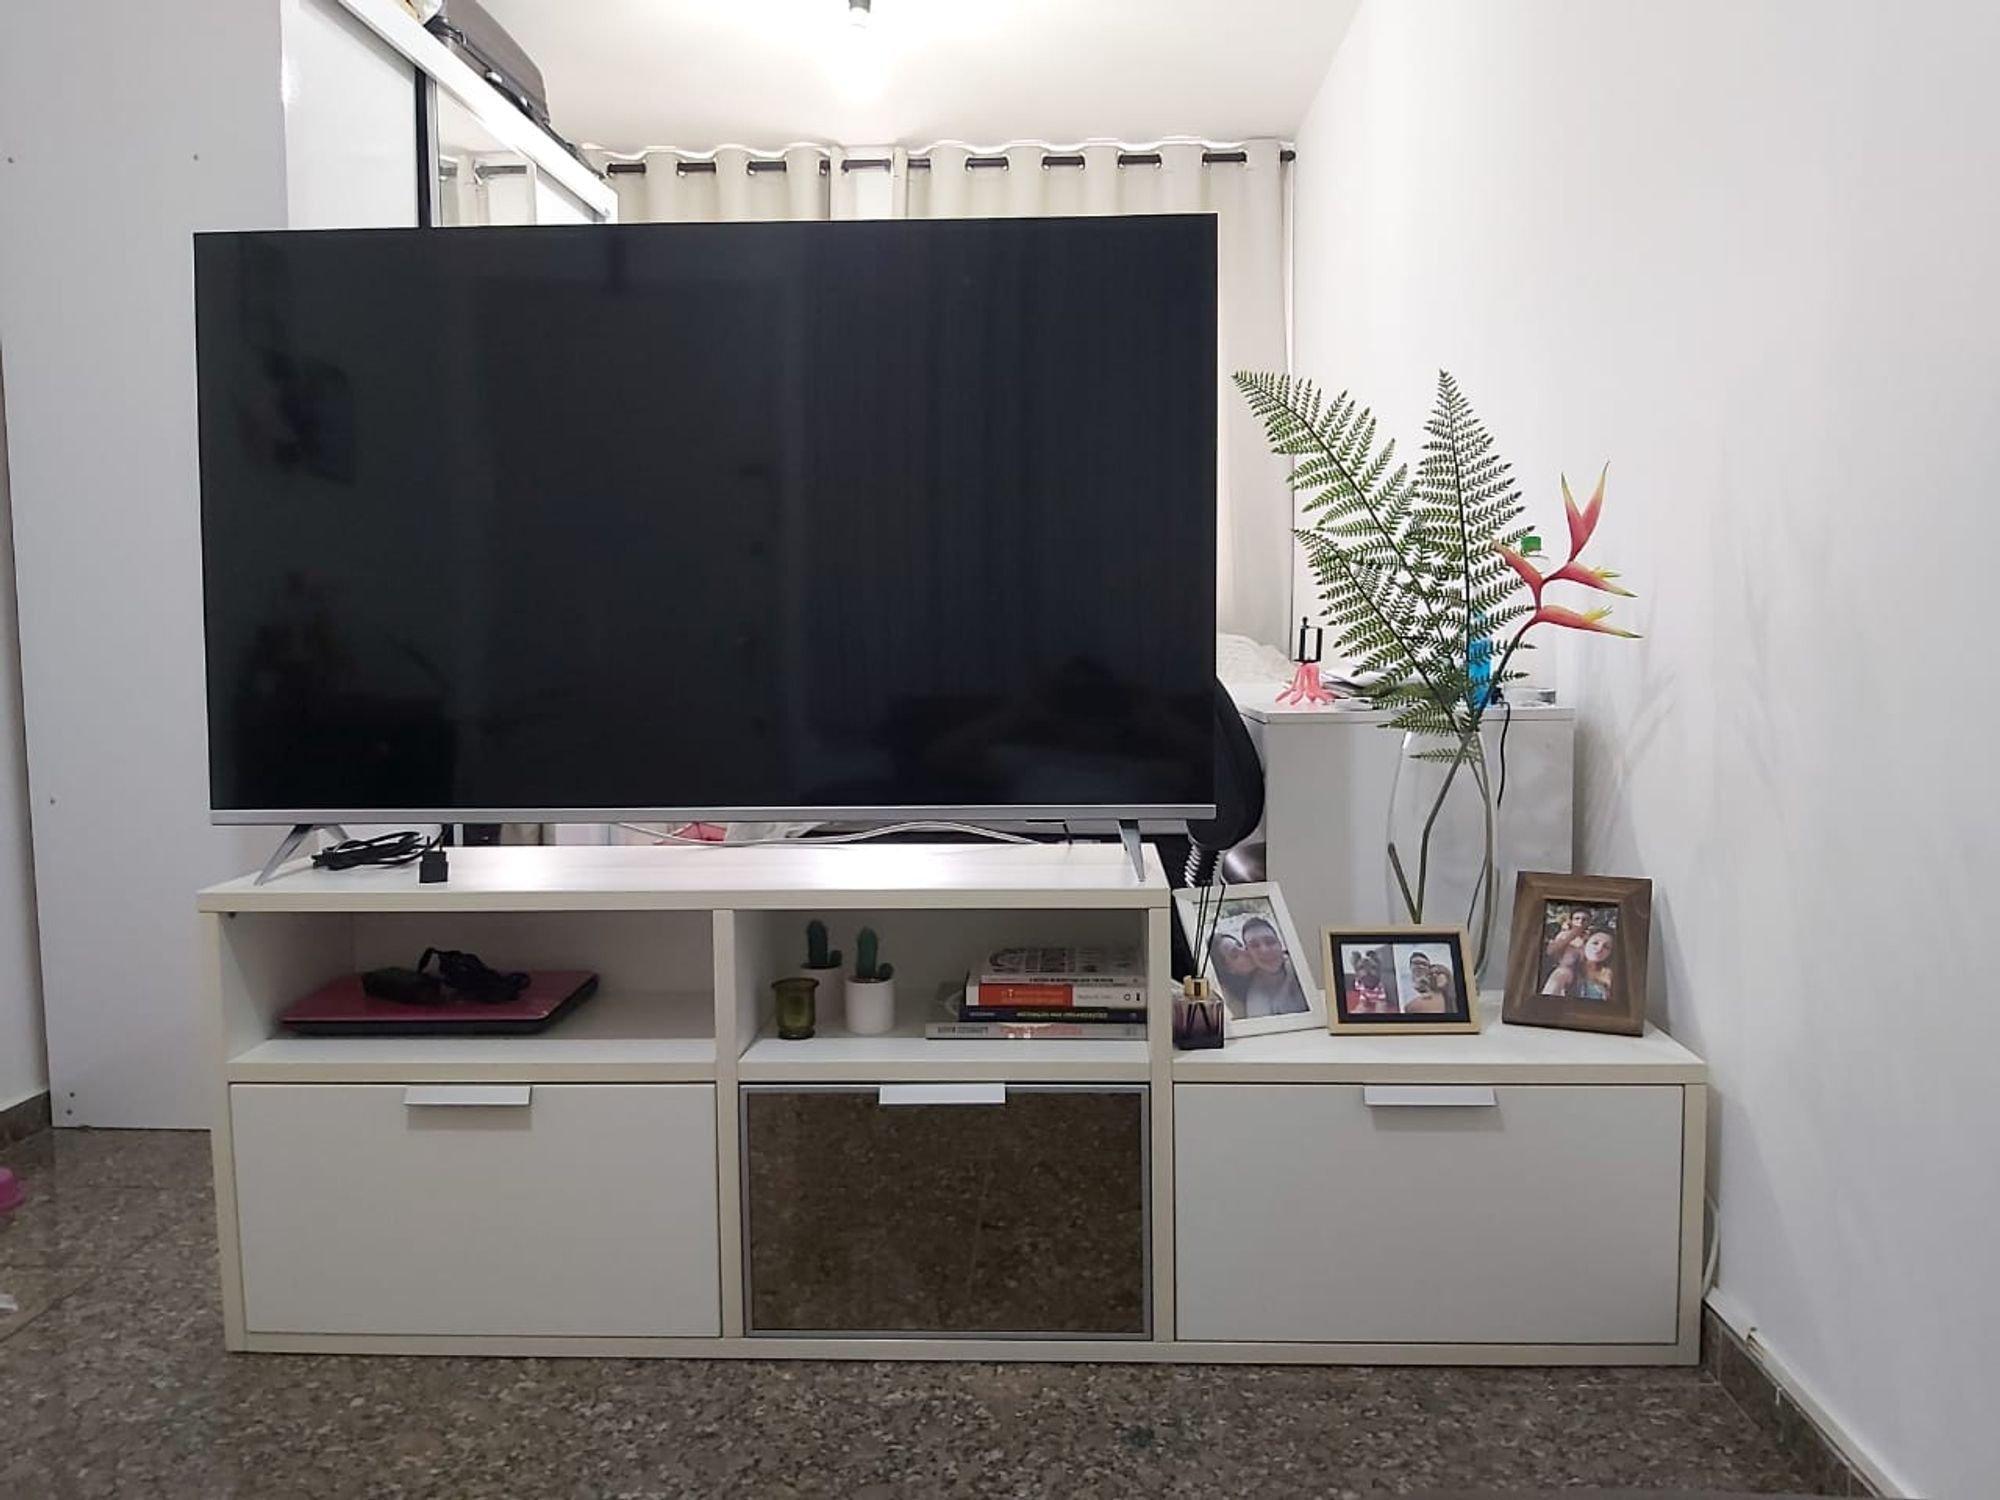 Foto de Sala com vaso de planta, televisão, xícara